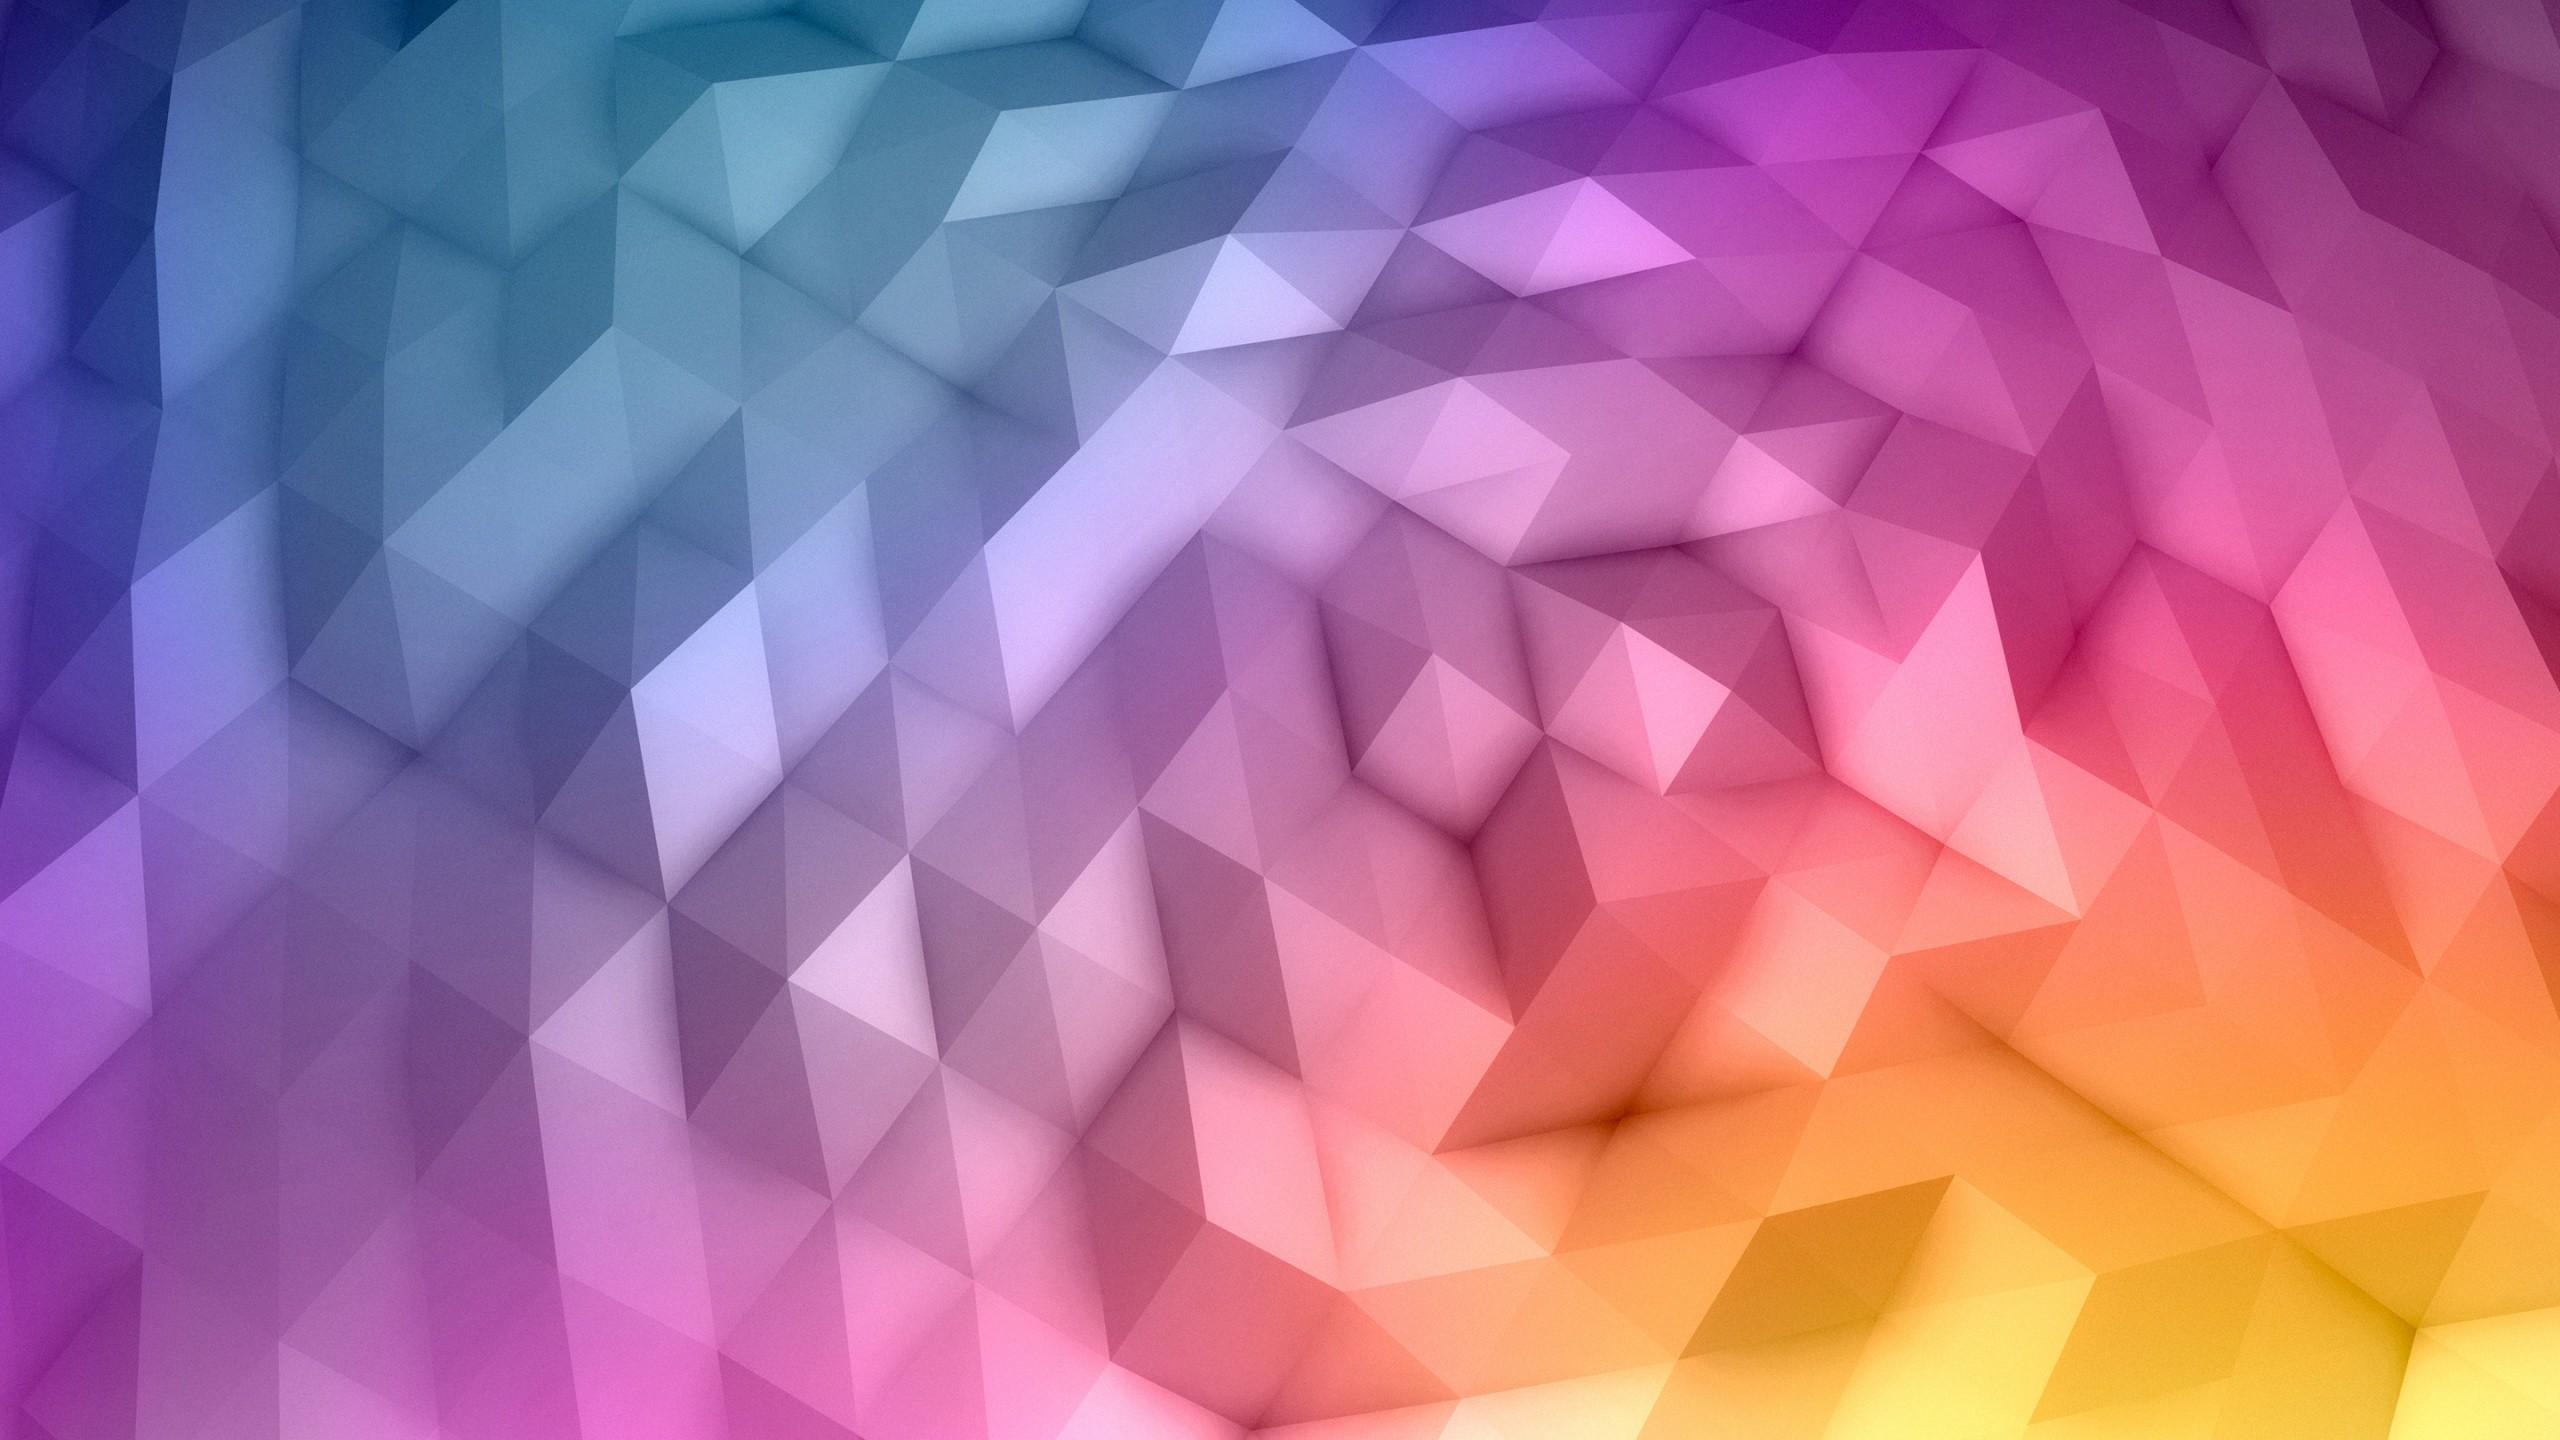 Polygon Wallpaper 5